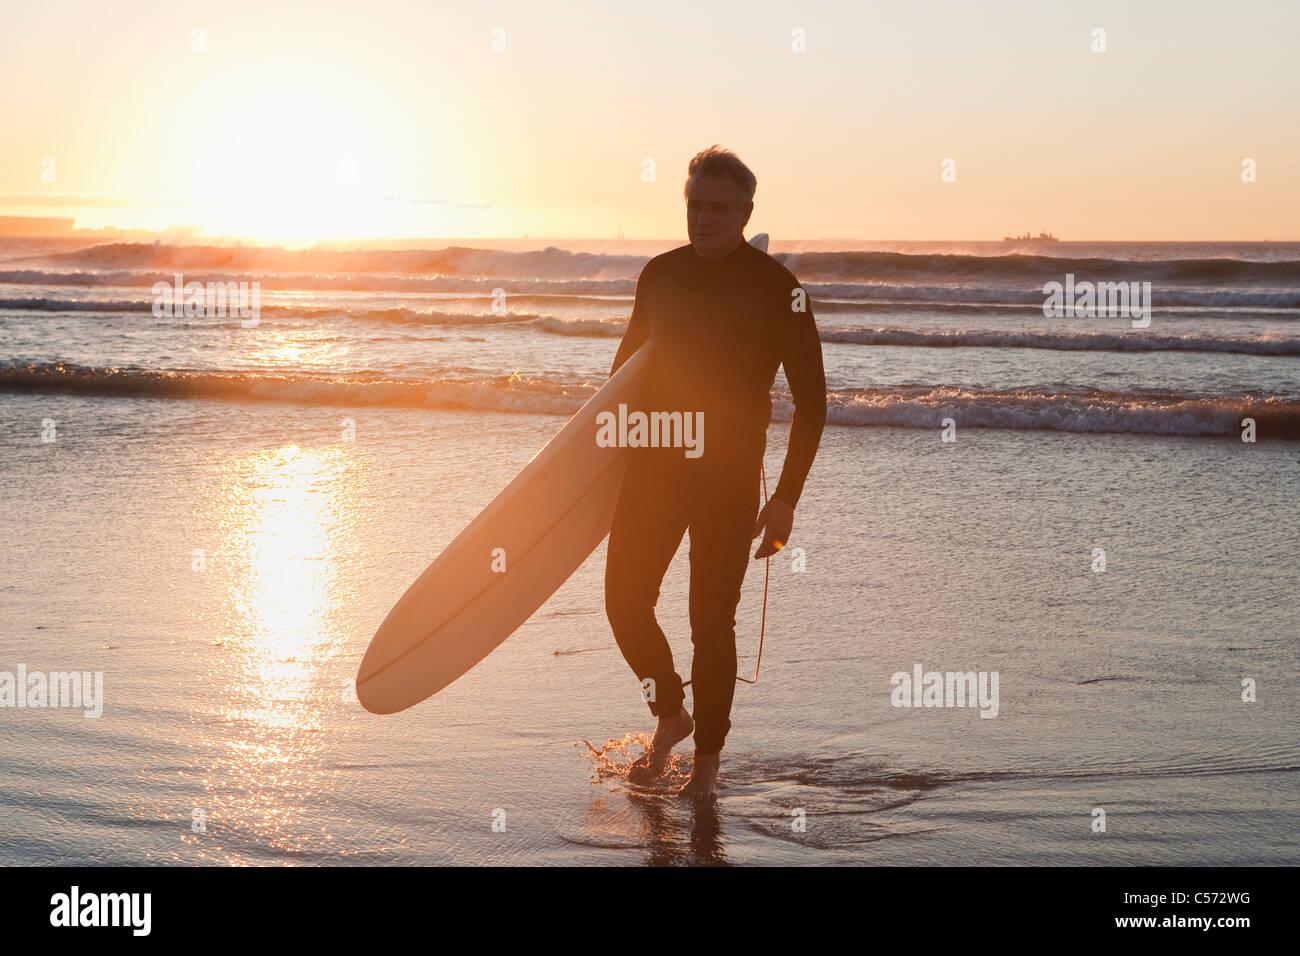 Surfer, die zu Fuß in Wasser Stockbild